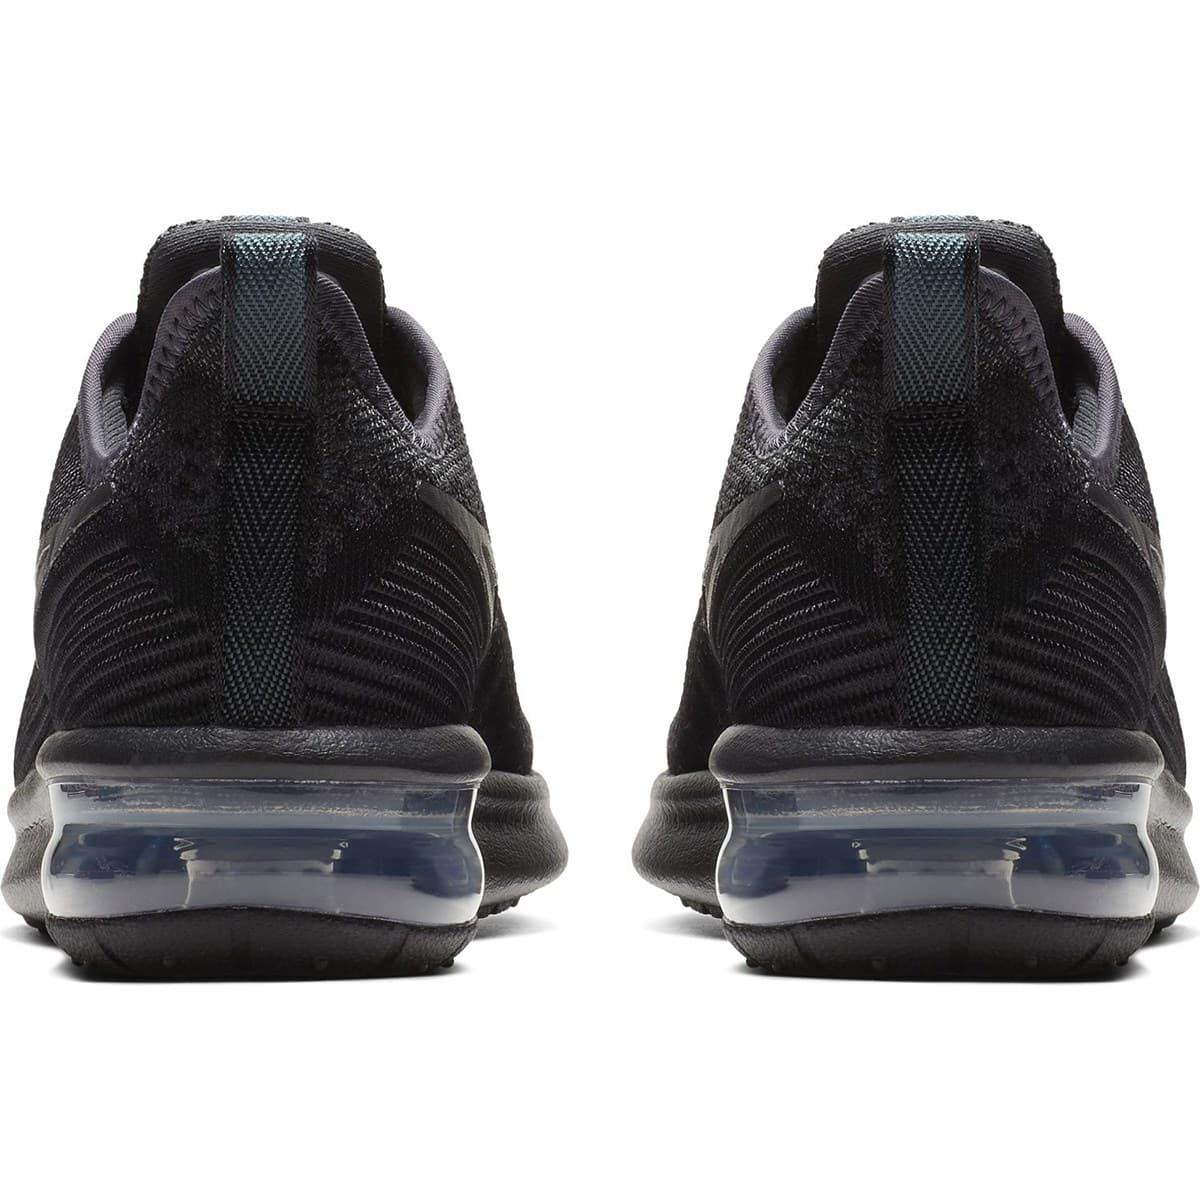 Air Max Sequent 4 Siyah Koşu Ayakkabısı (AO4486-002)